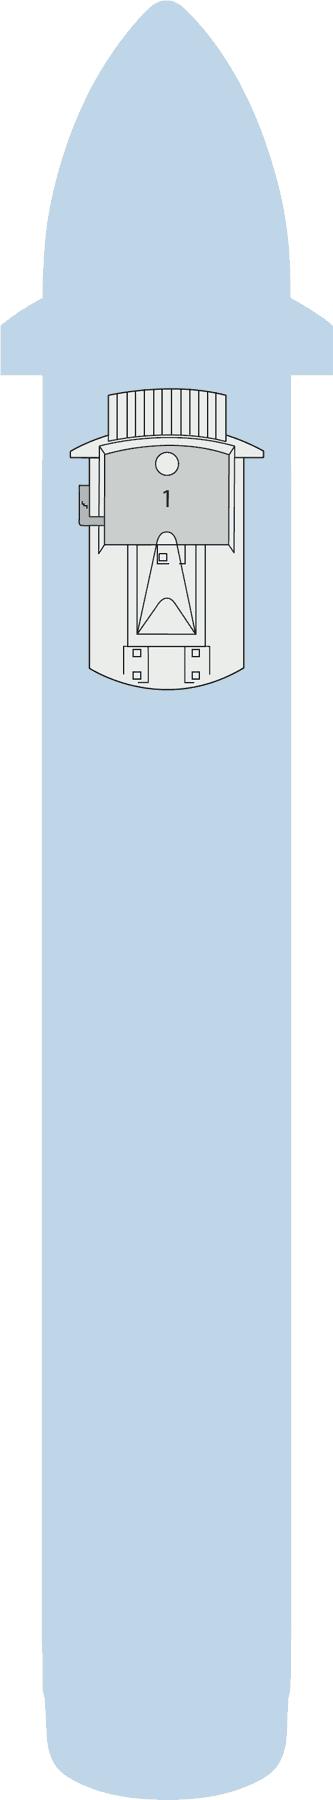 AIDAaura - Deck 12